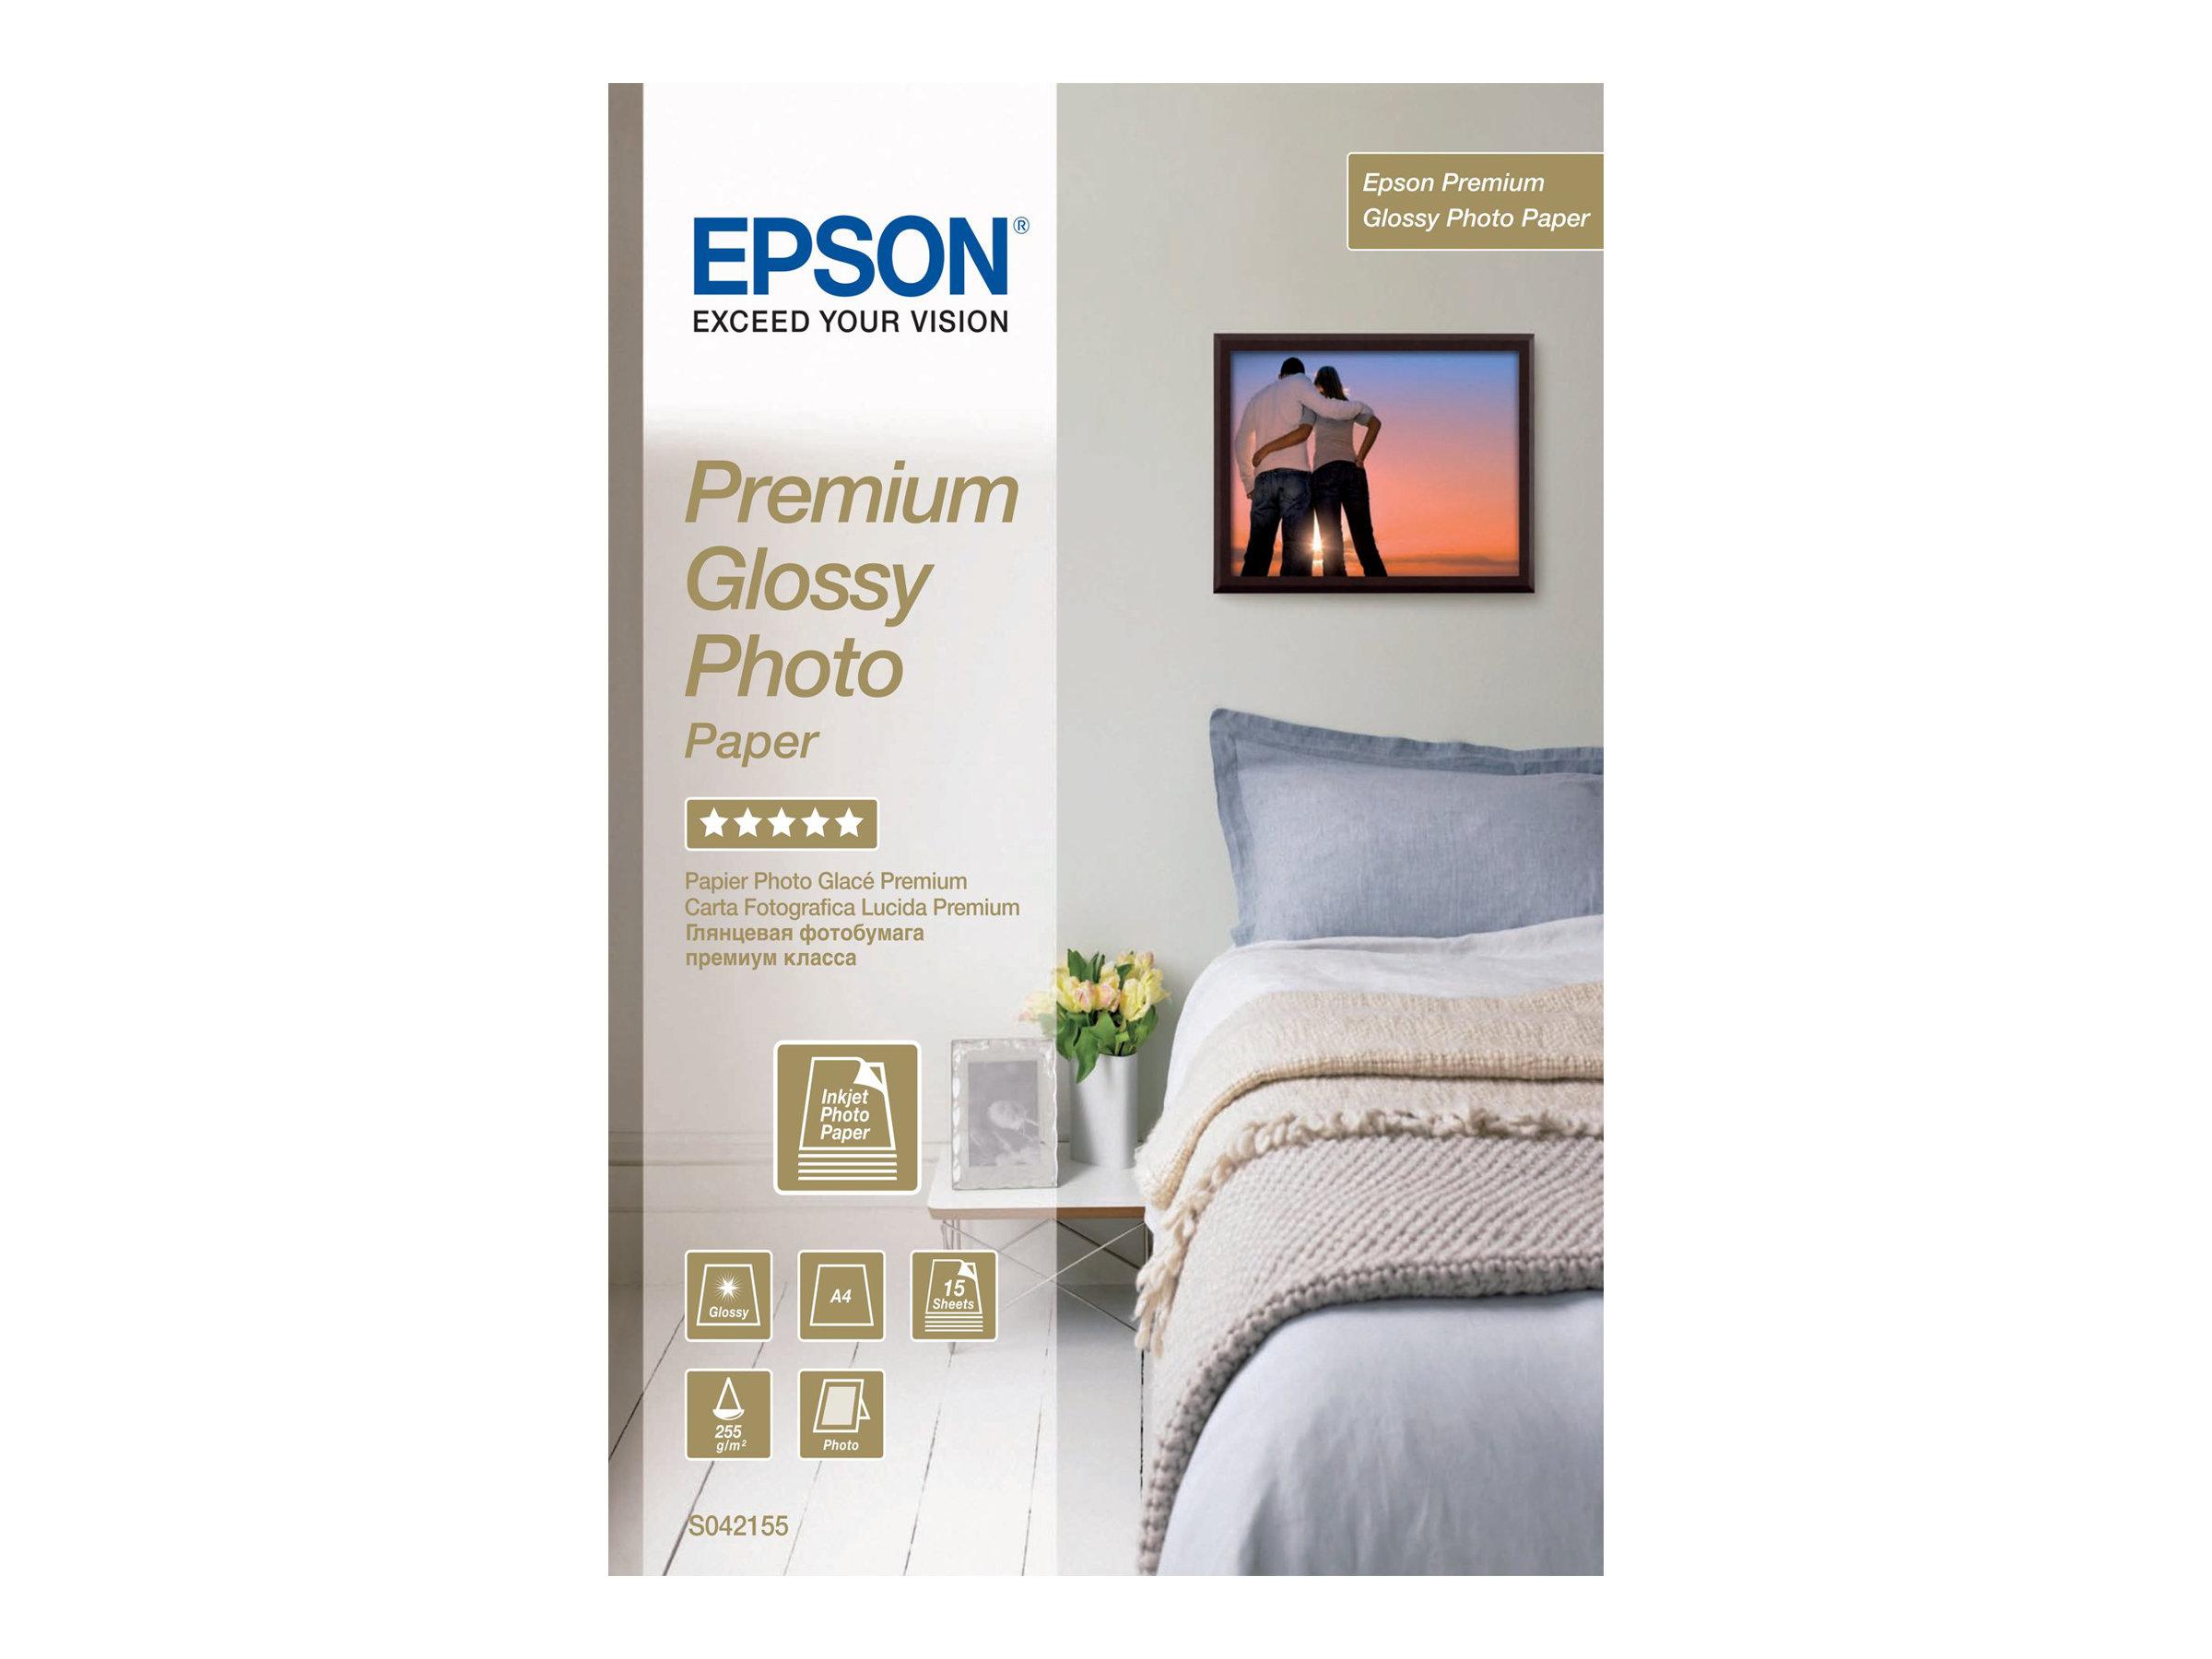 Epson Premium Glossy Photo Paper - Glänzend - A4 (210 x 297 mm) 15 Blatt Fotopapier - für EcoTank ET-2650, 2751, 2756; Expressio